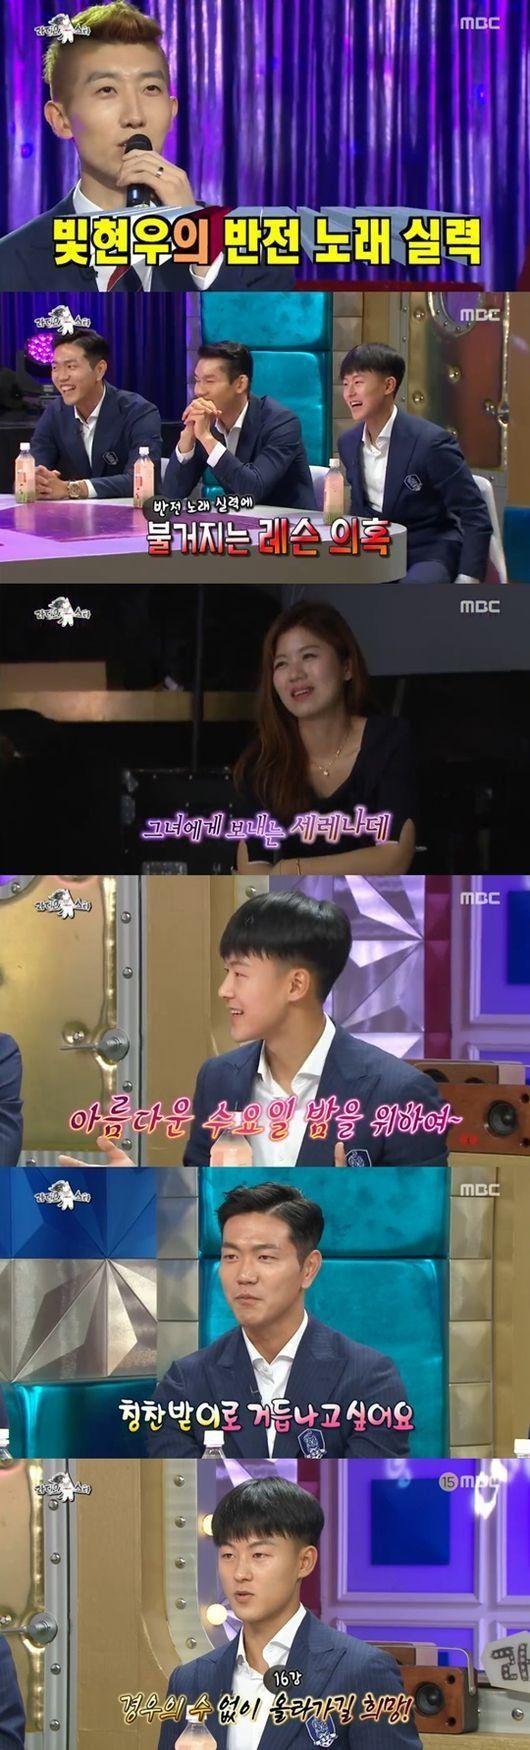 [어저께TV] '라스' 조현우·김영권·이용·이승우의 반전..